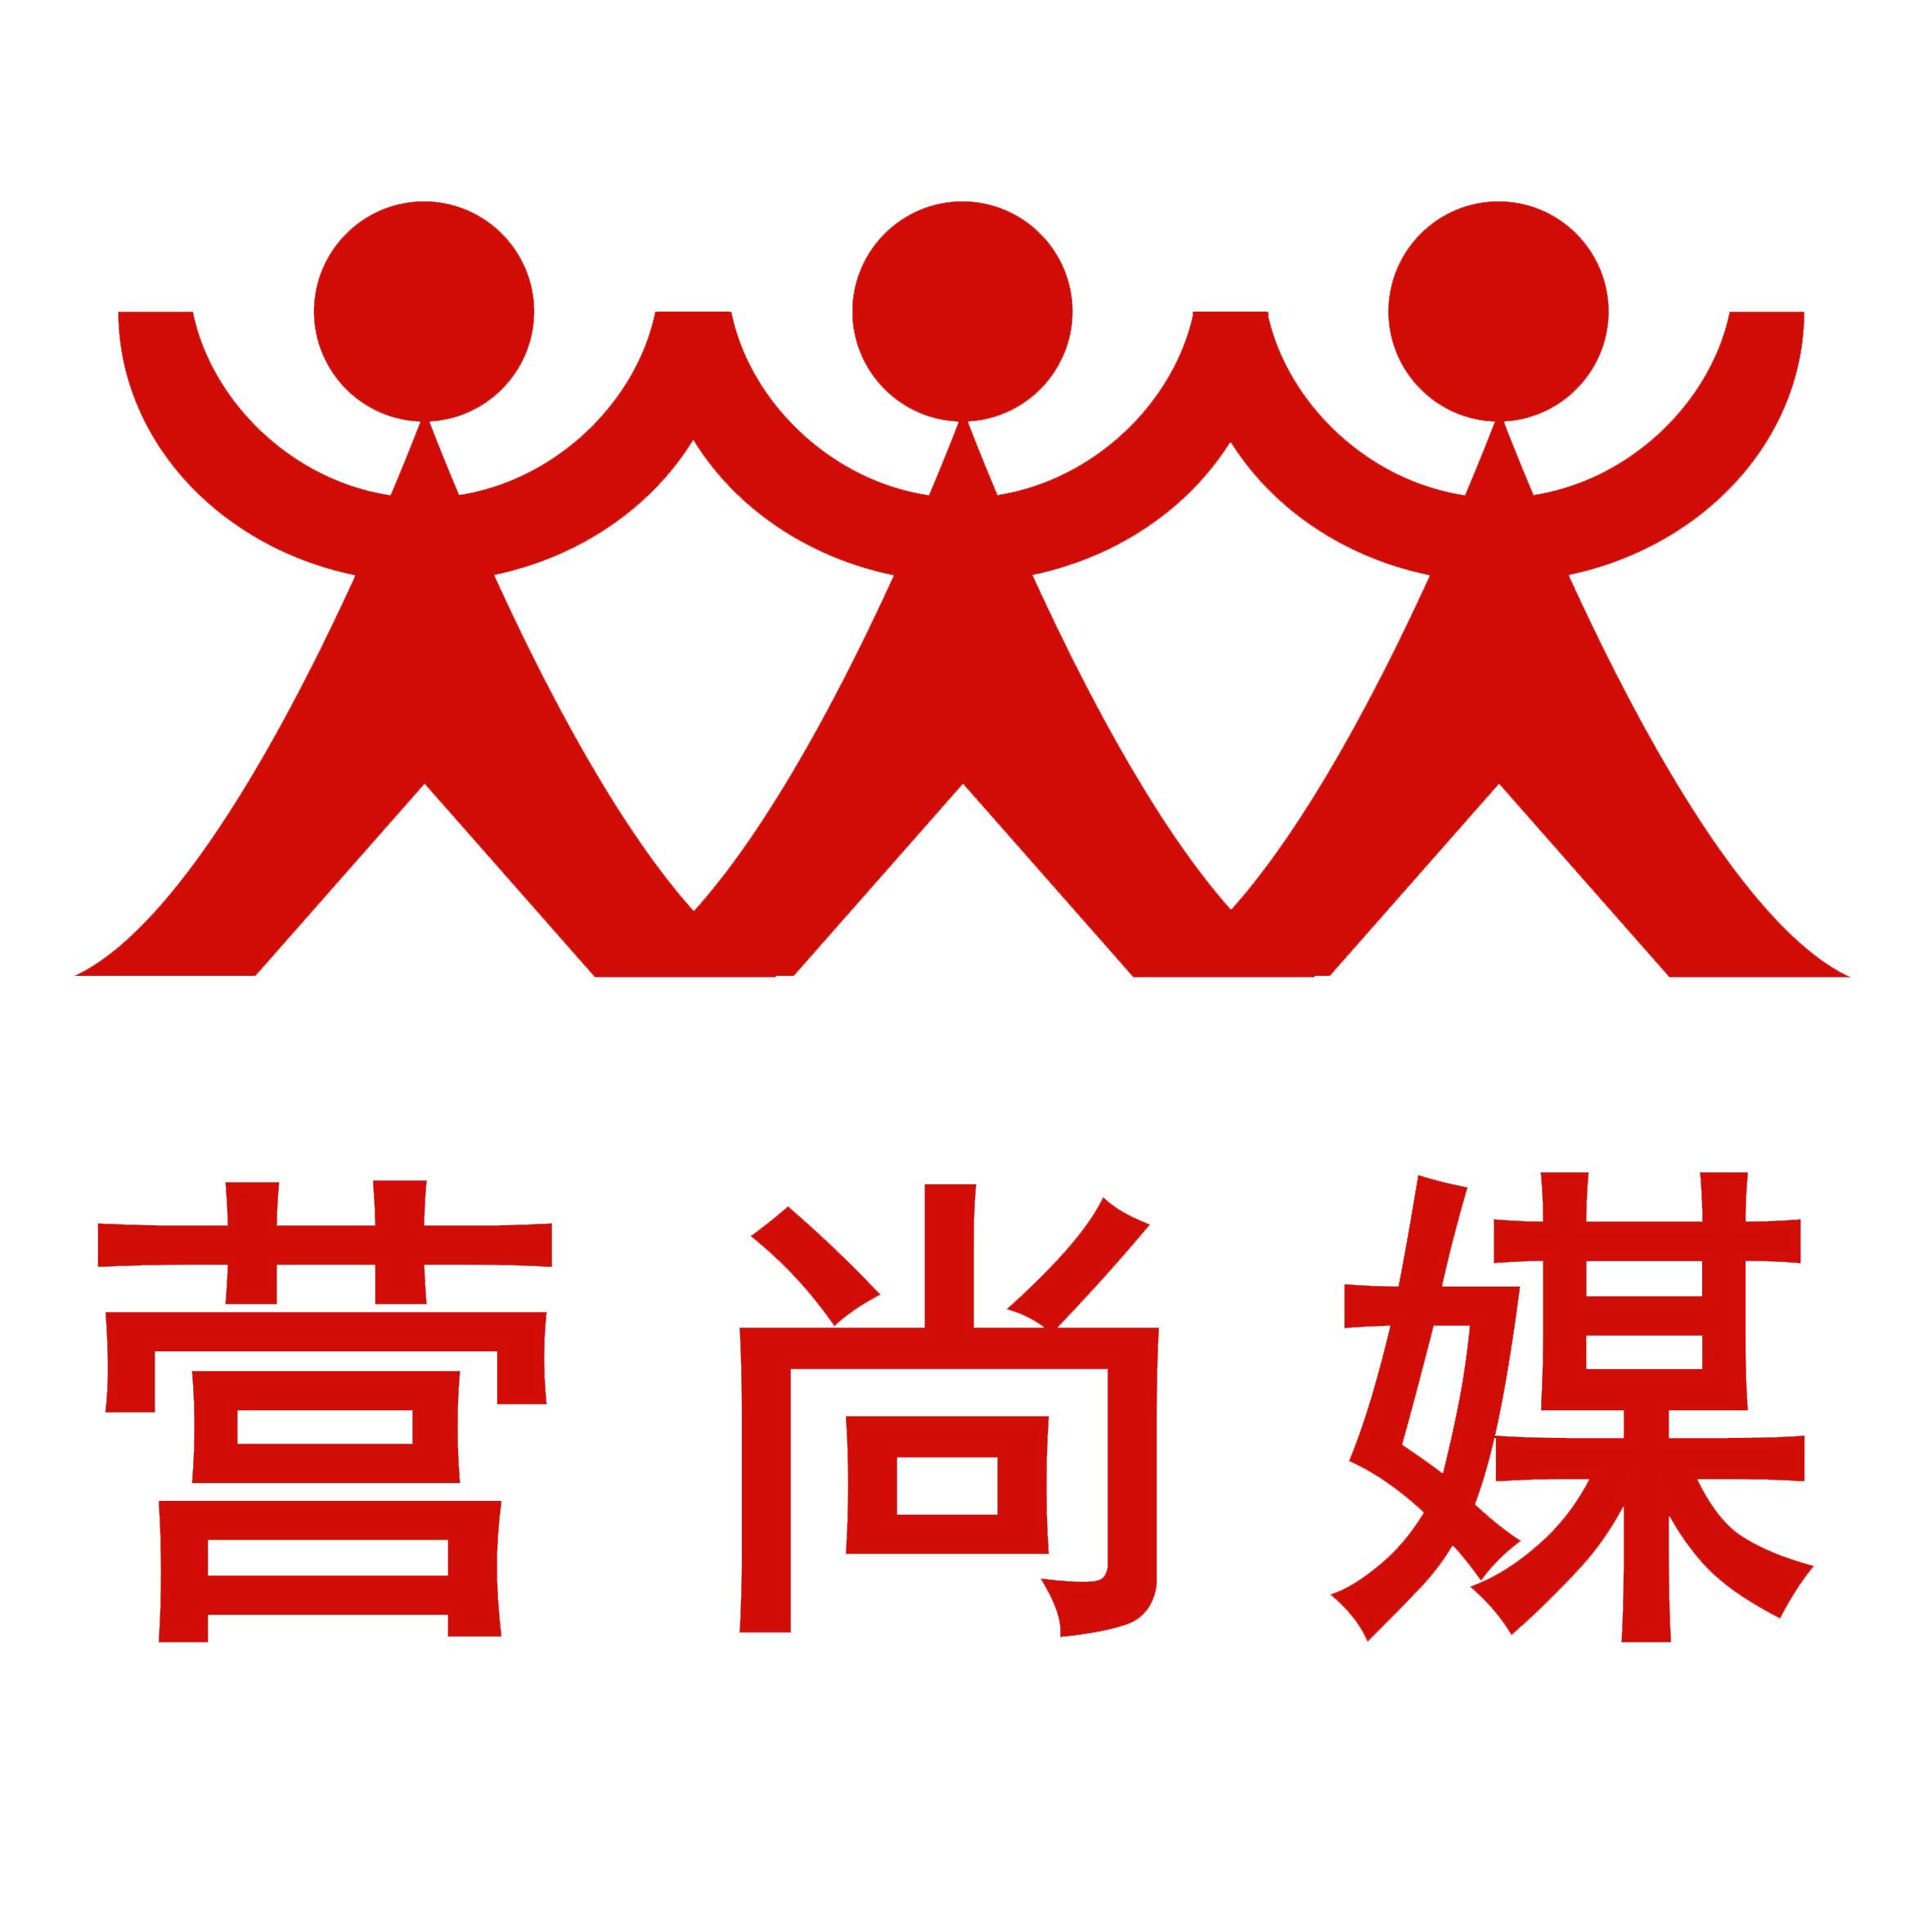 韶关市欧莱高新材料有限公司的企业标志